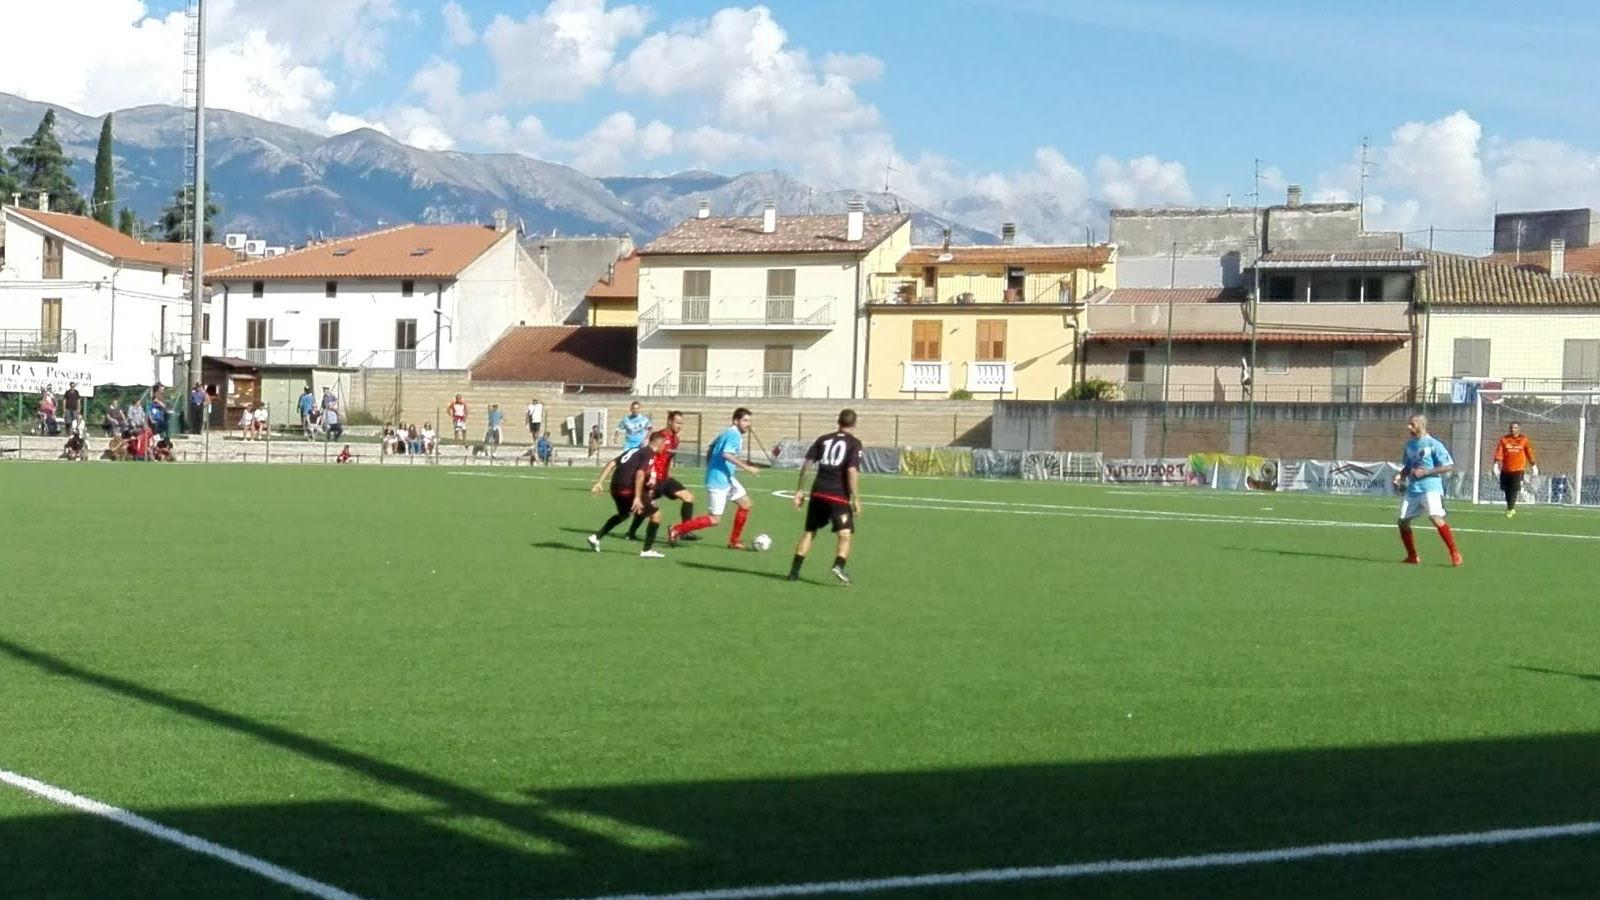 Seconda giornata: a Lanciano arriva il River, al Fonte Cicero c'è il derby Val di Sangro-Piazzano